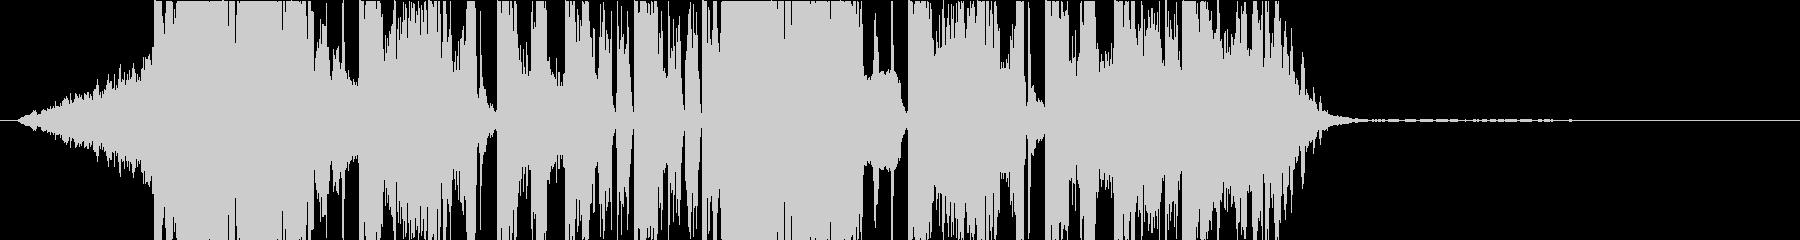 DUBSTEP クール ジングル144の未再生の波形